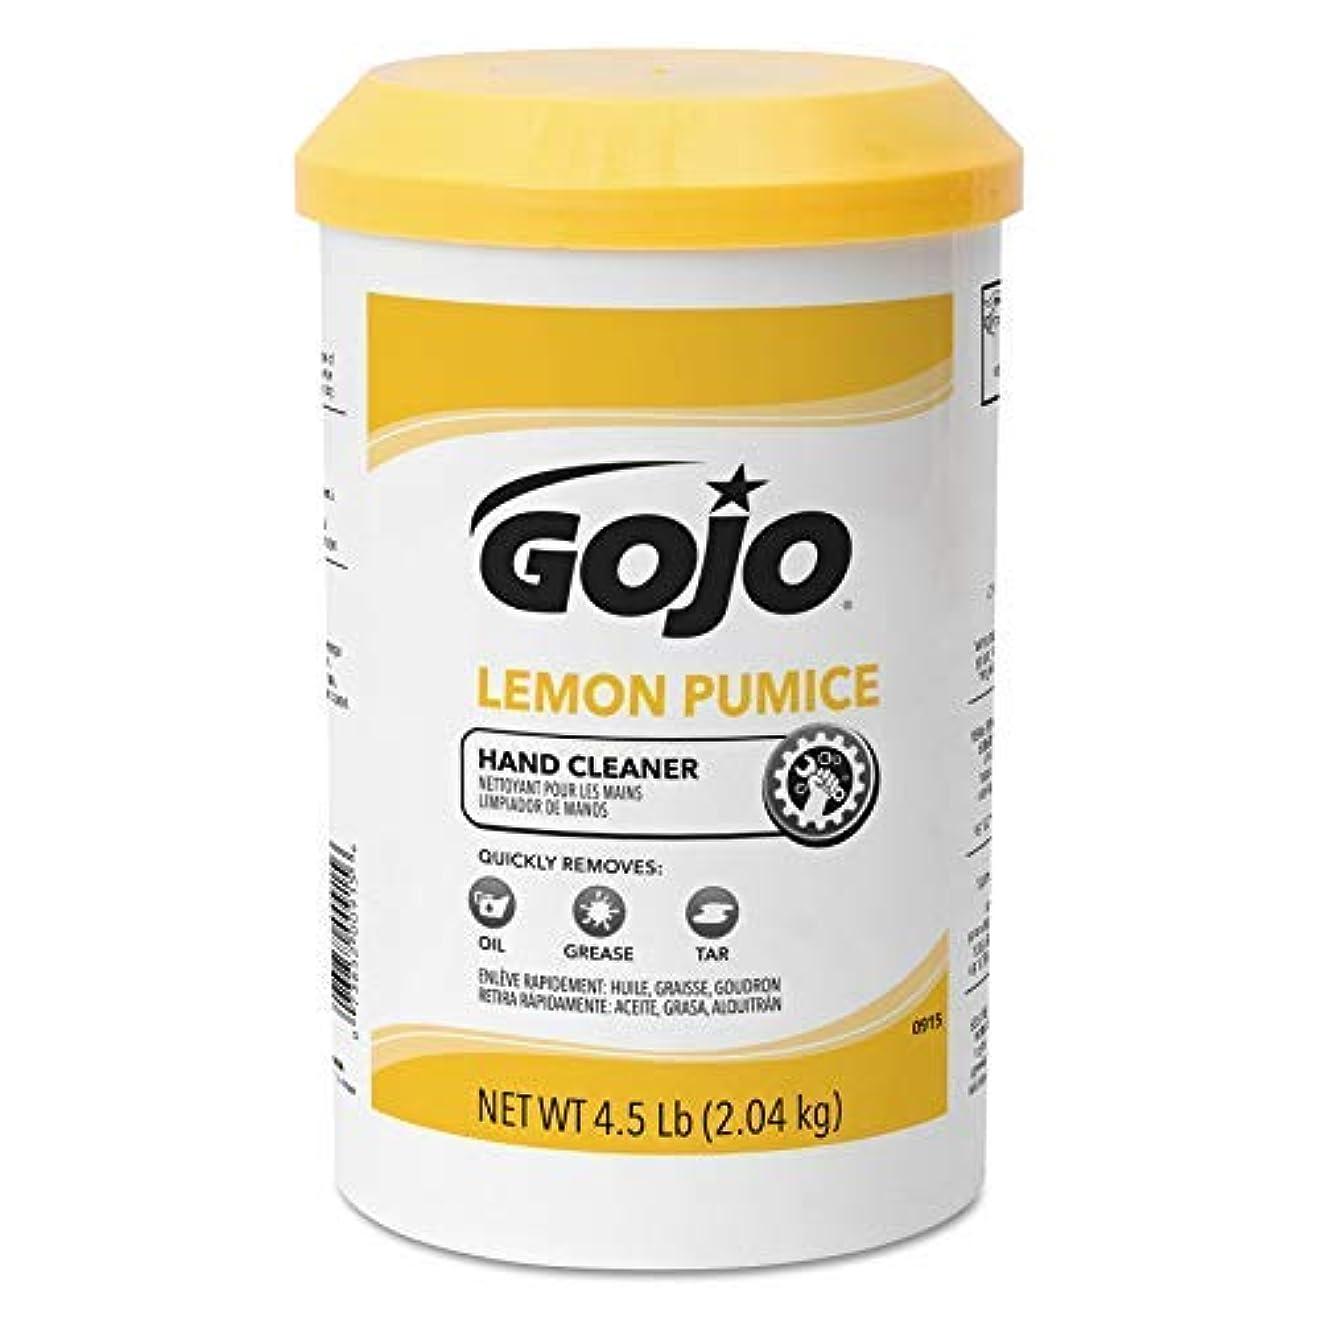 誤ってみすぼらしい舞い上がるGOJO Creme-Style Hand Cleaner with Pumice,Lemon Scent,4.5 Pounds Hand Cleaner Canister Refill for GOJO Creme-Style...